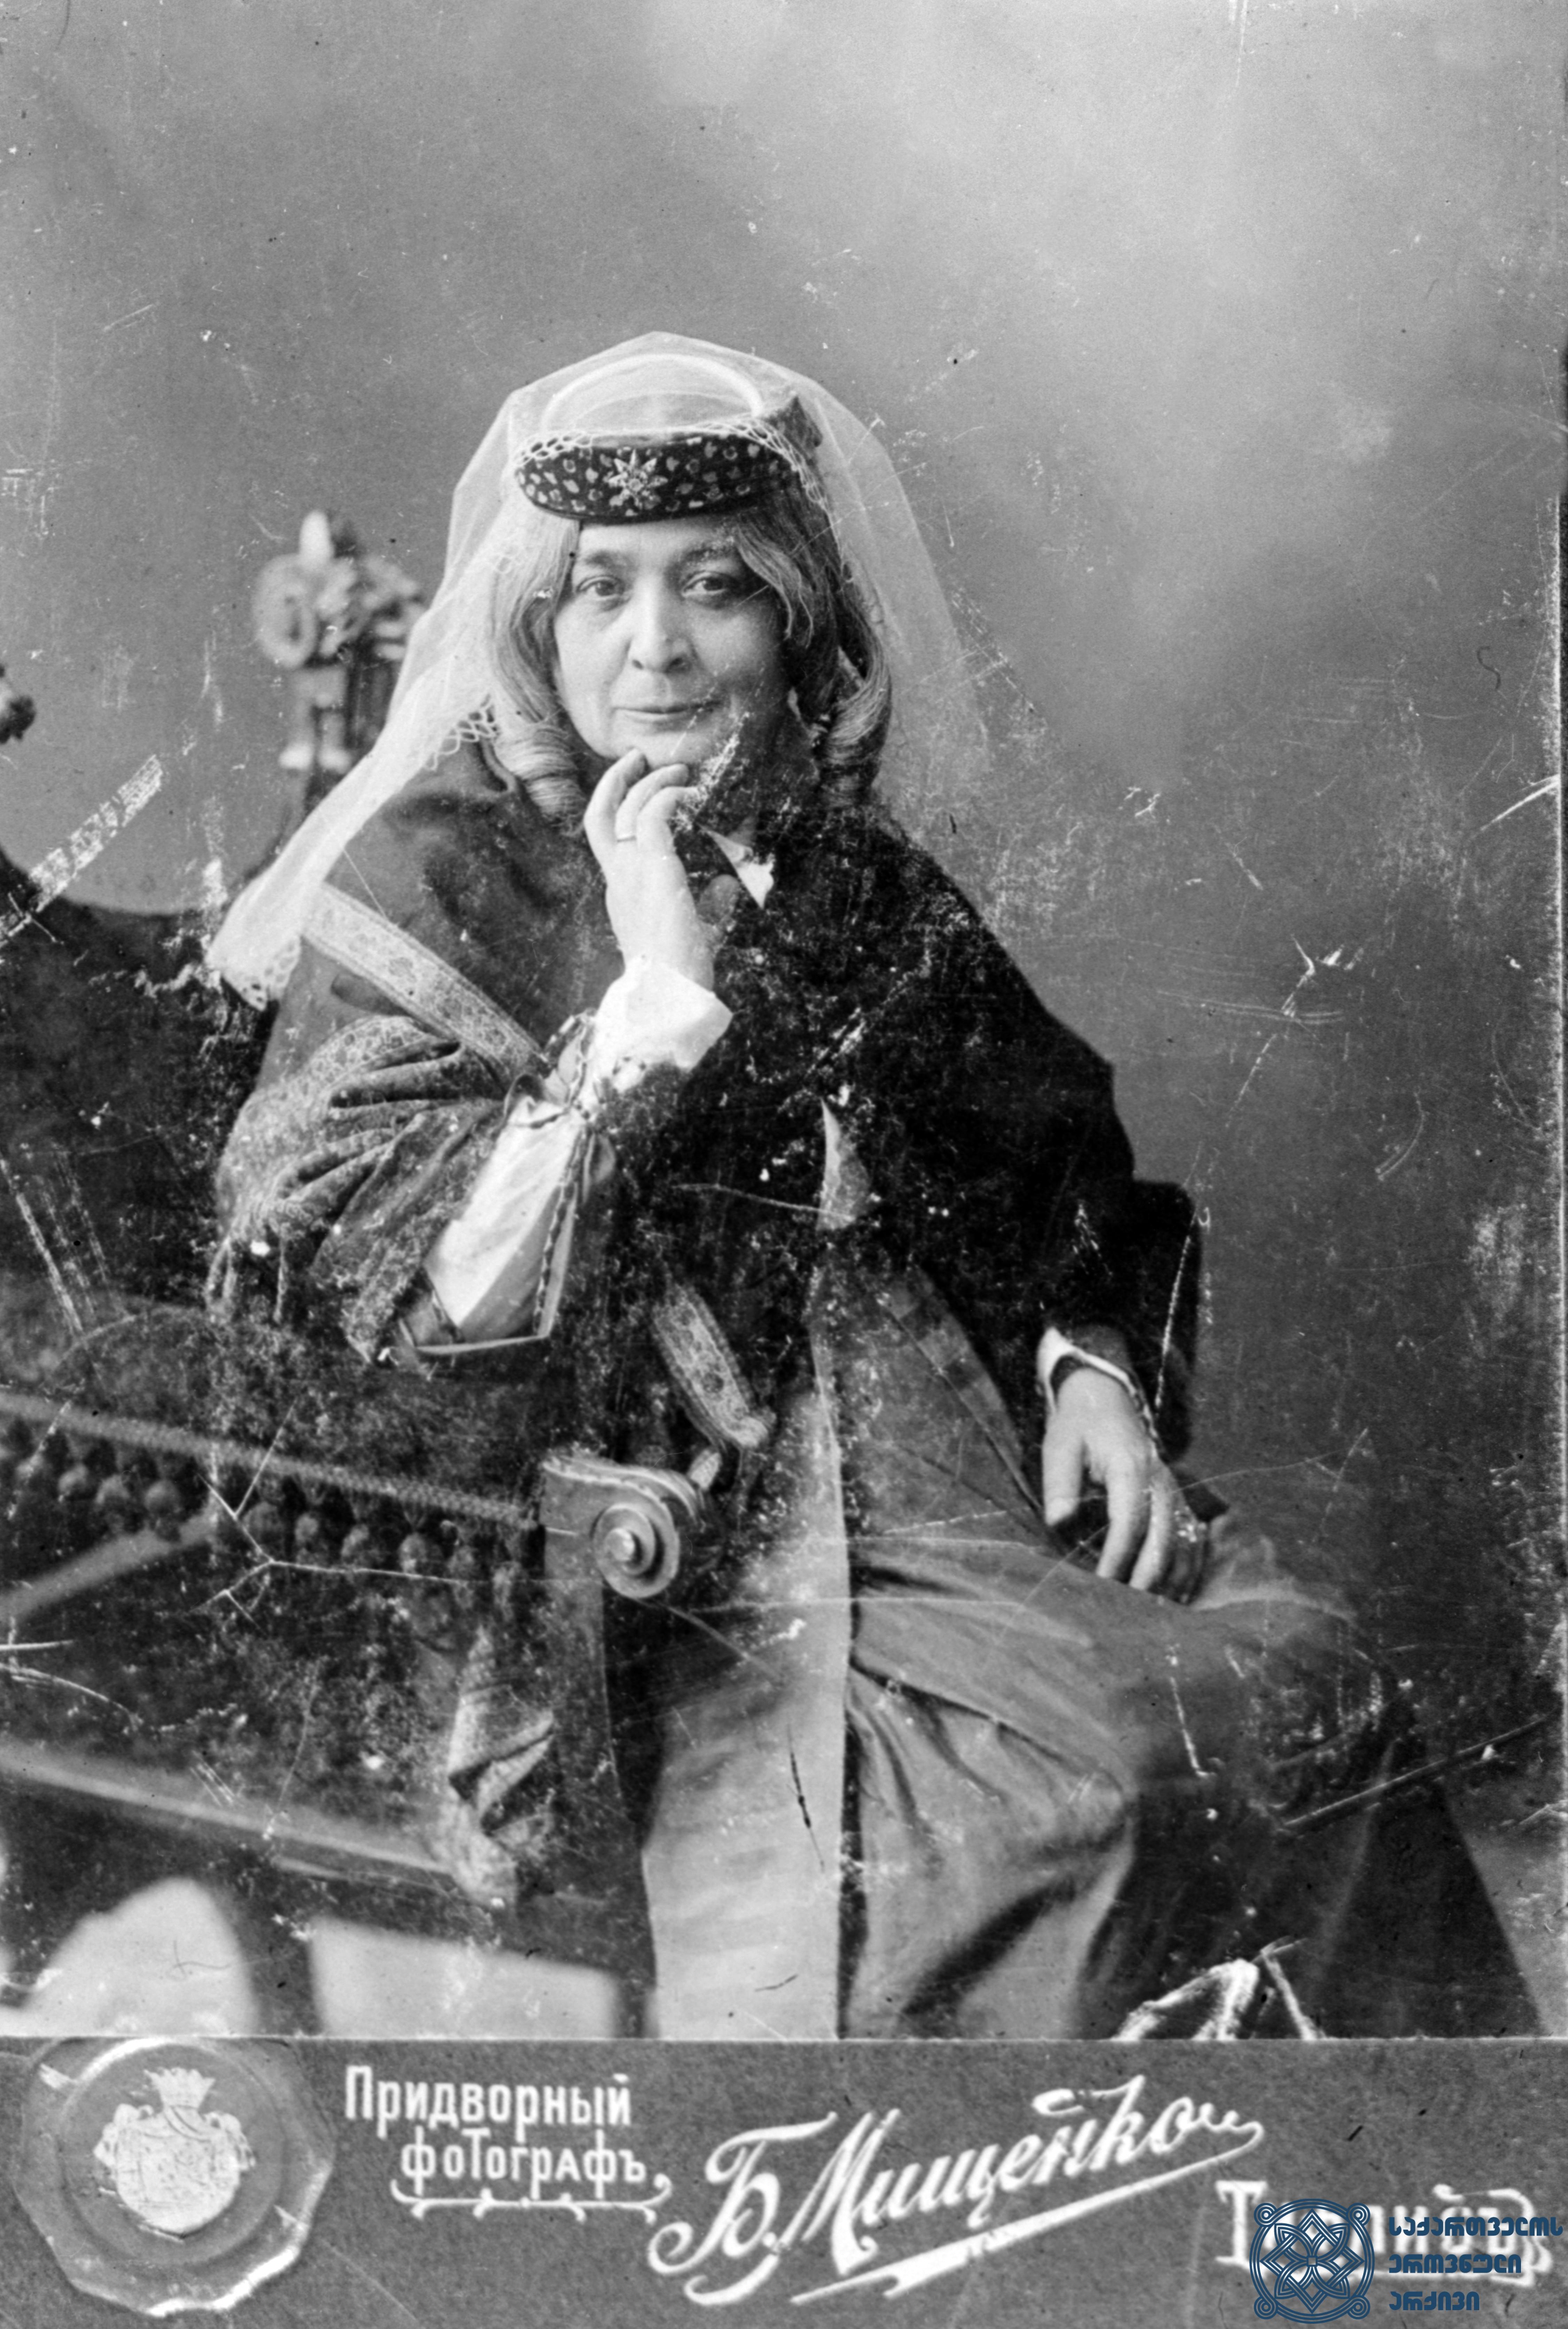 """სპექტაკლი """"ხათაბალა"""". ხანუმა – ნატო გაბუნია.  <br> 1895-1900-იანი წლები.<br> The performance """"Khatabala"""" (""""The Misfortune""""). Nato Gabunia as Khanuma. <br> 1895-1900s."""